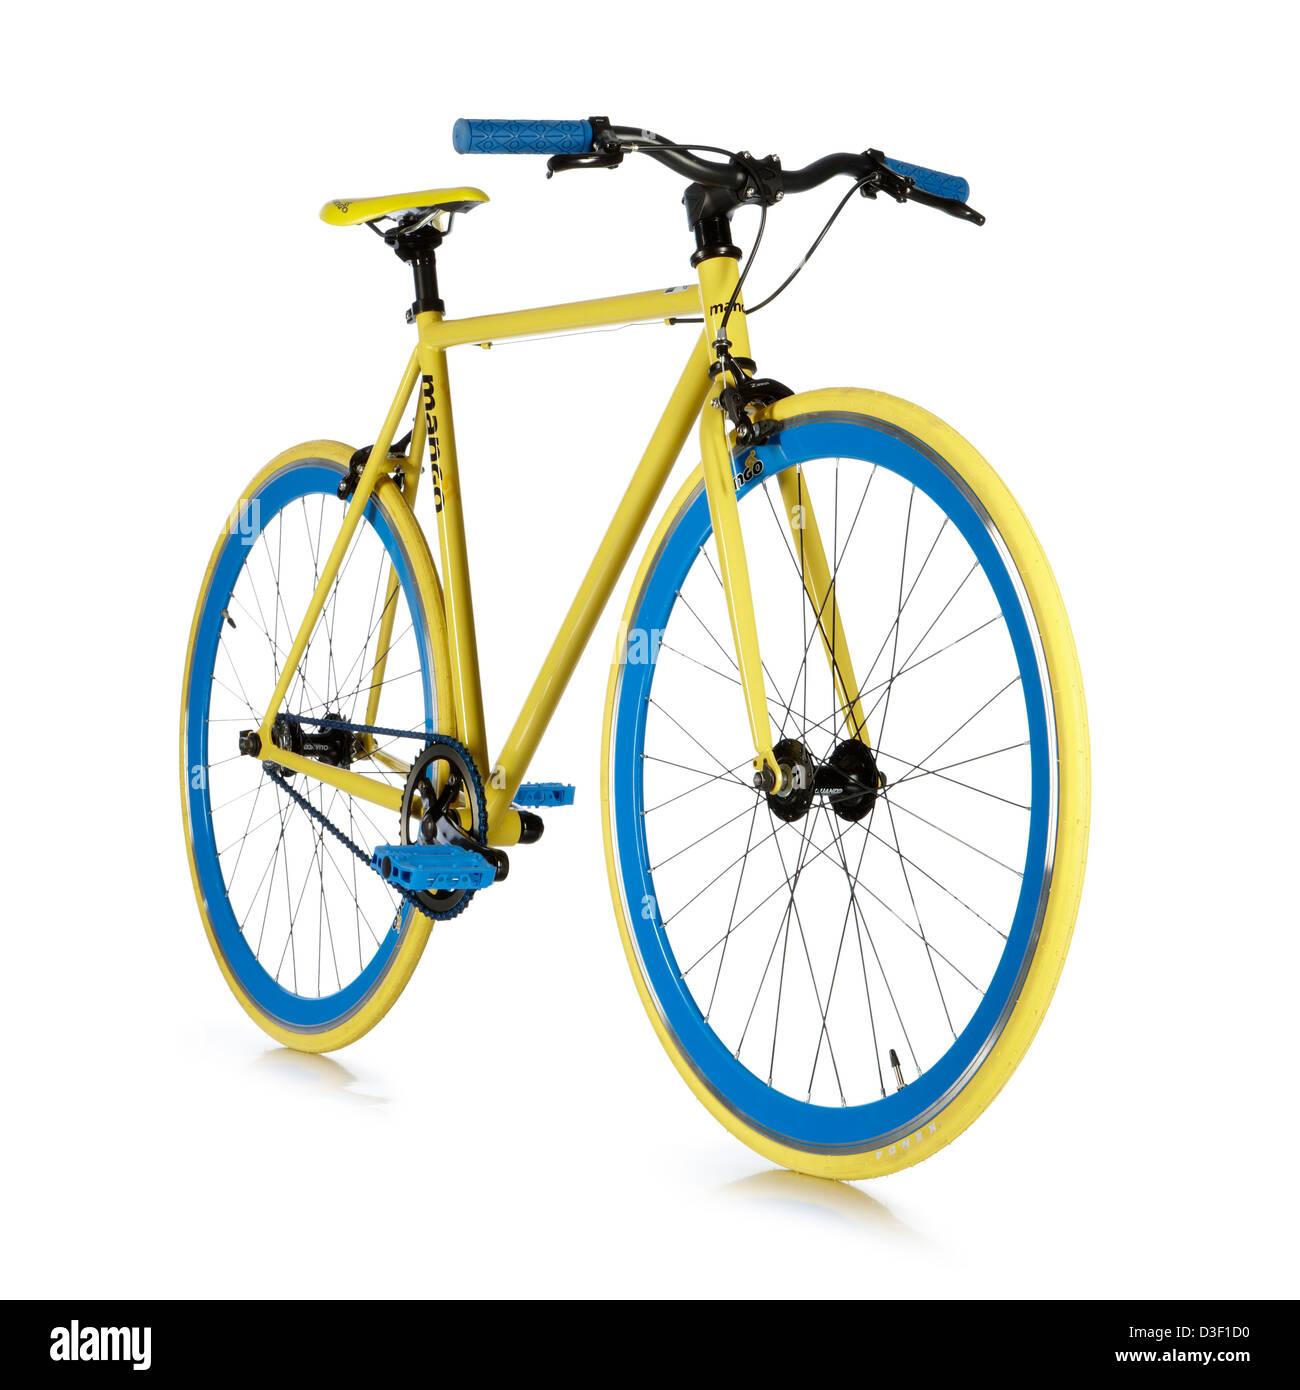 Vélo à vitesse unique jaune bleu construire sur mesure Photo Stock